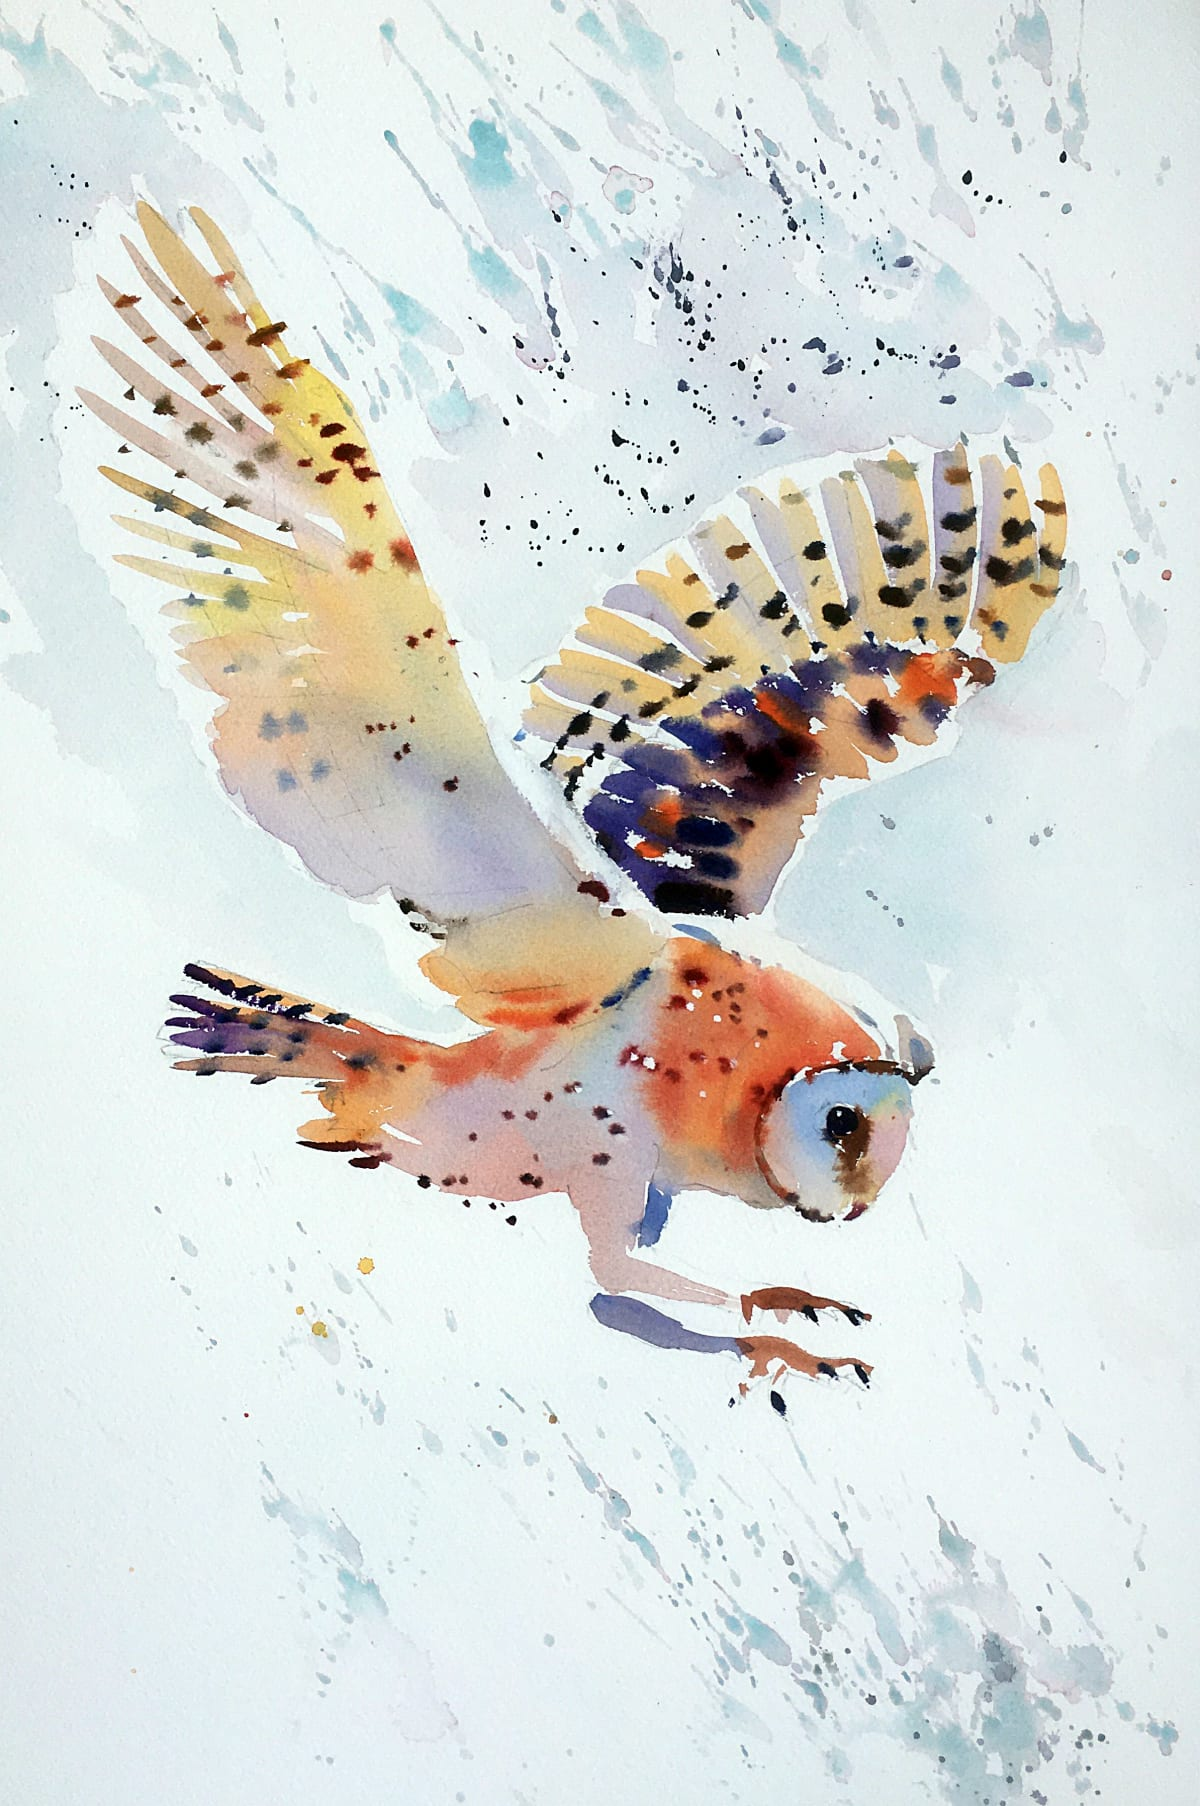 Jake Winkle SWOOPING BARN OWL Watercolour 18 x 13 in. 45.72 x 33.02 cm